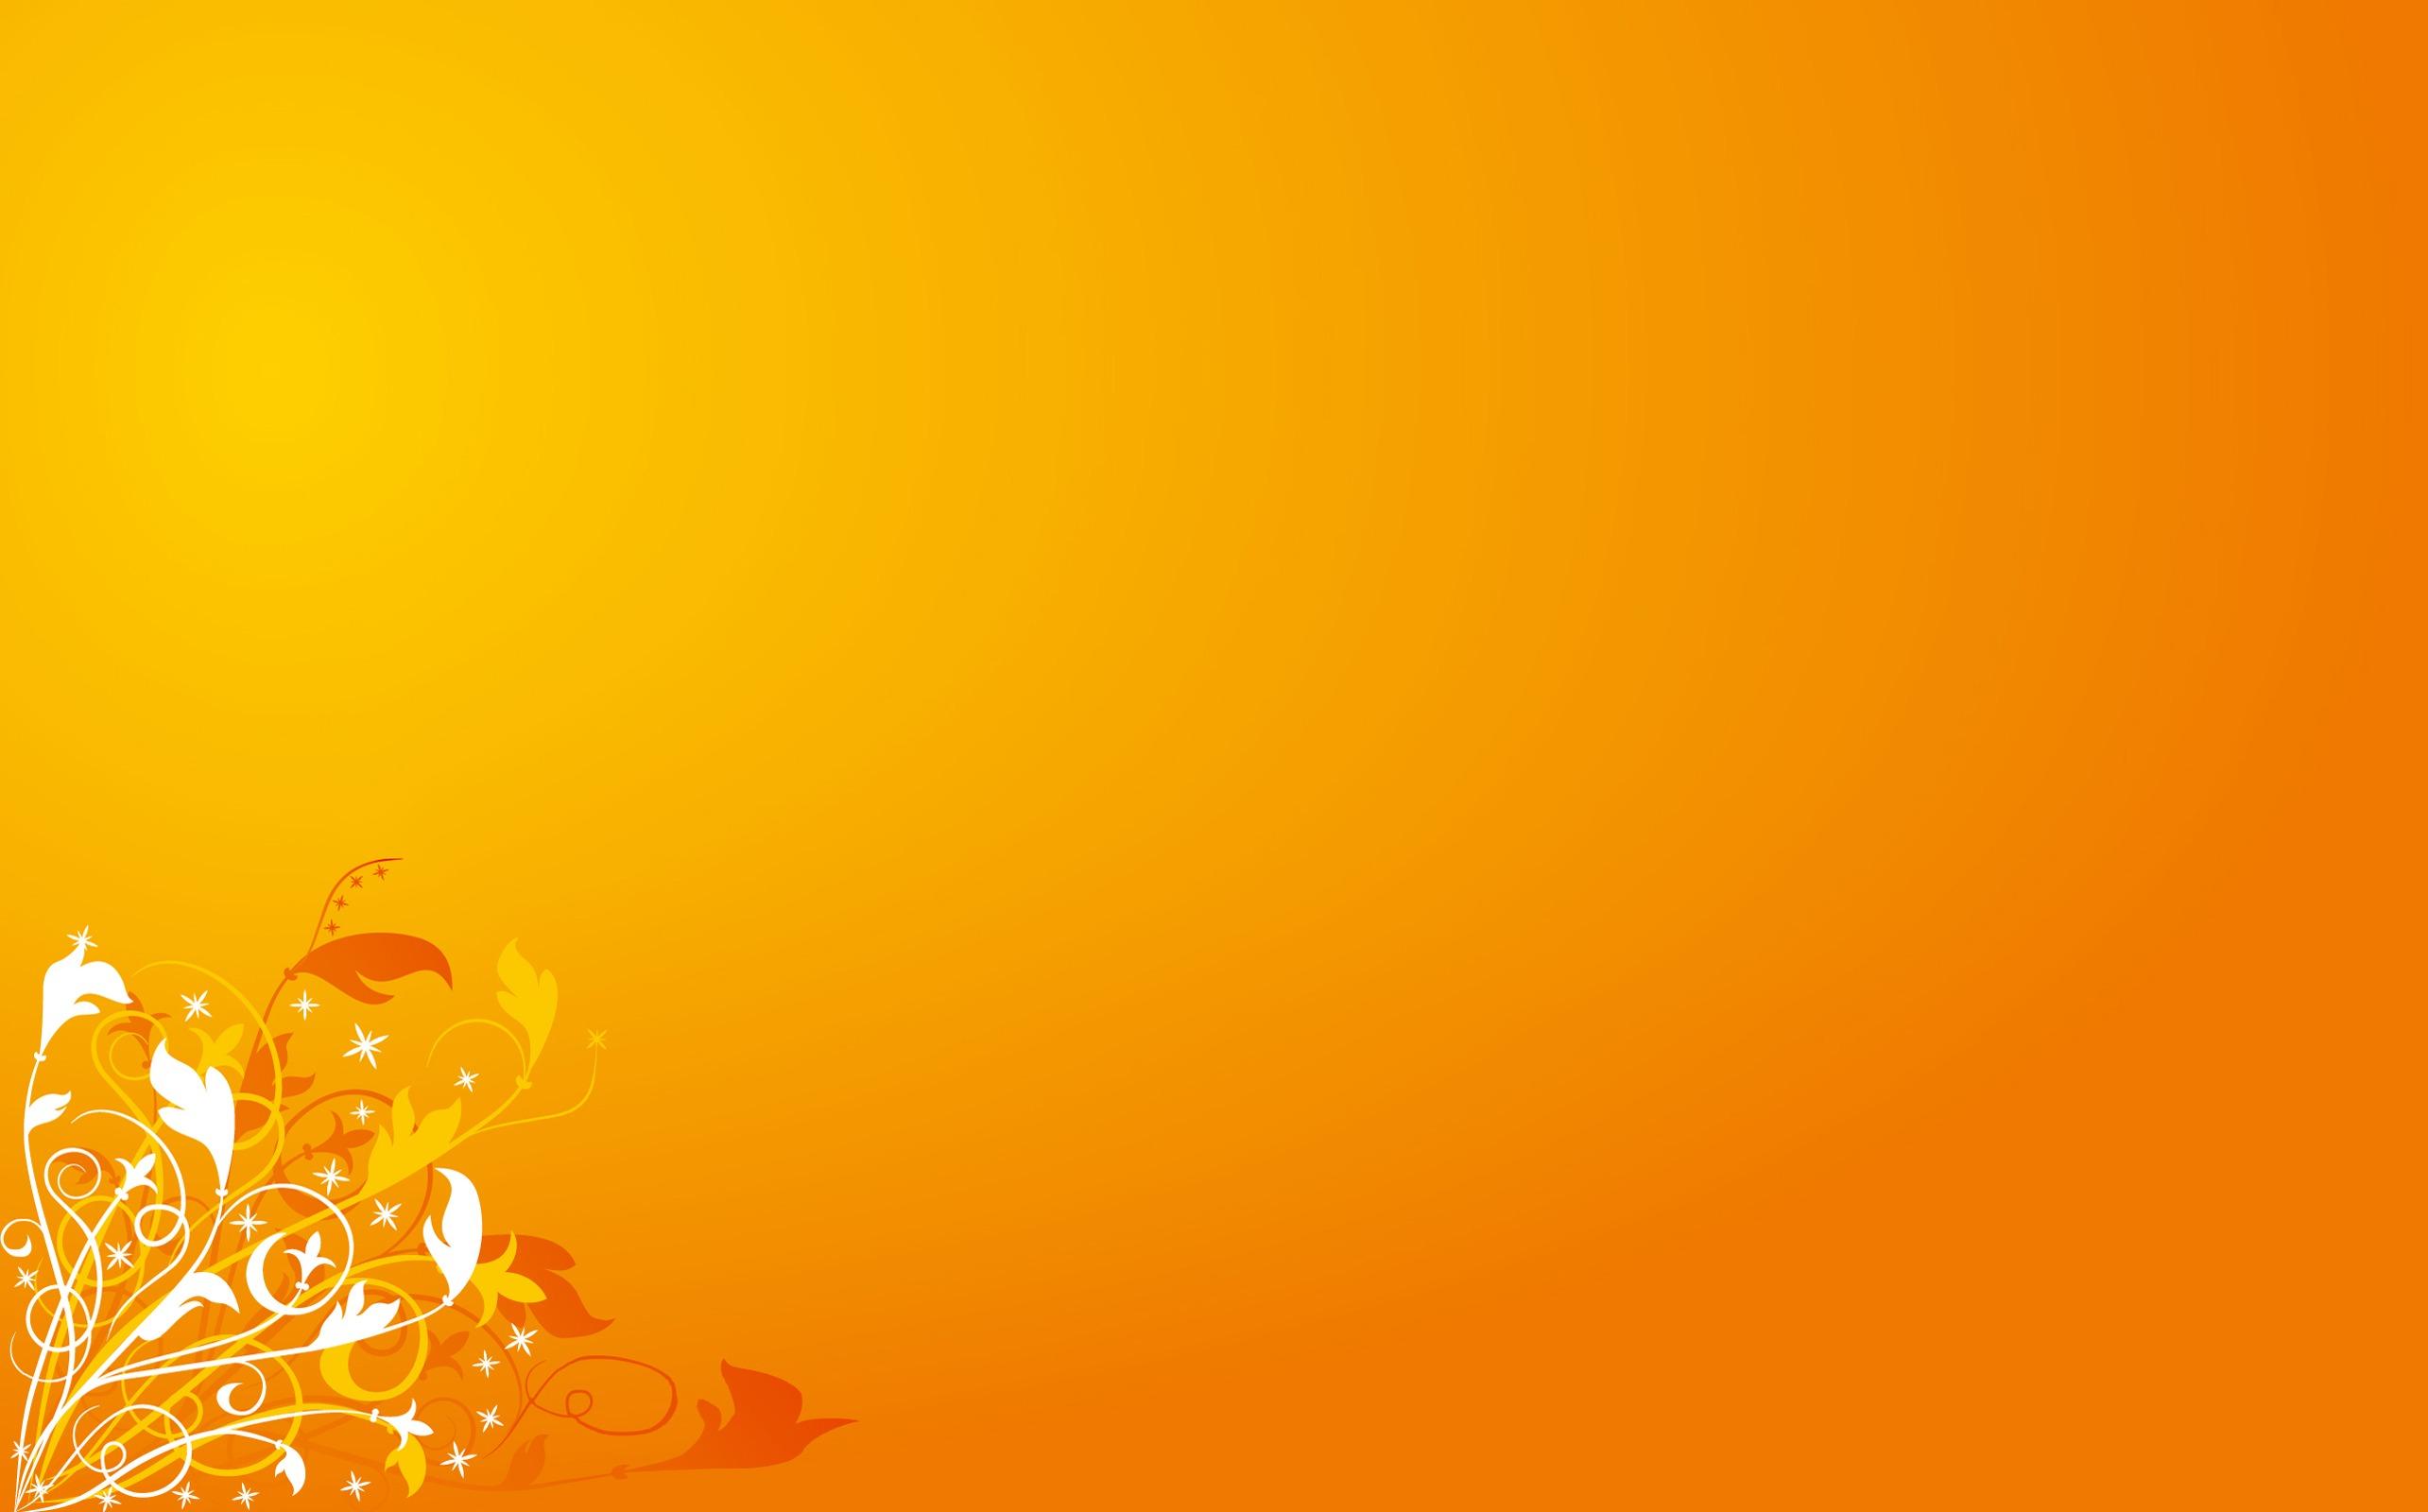 yellow flower hd wallpaper 13 desktop background hdflowerwallpaper com